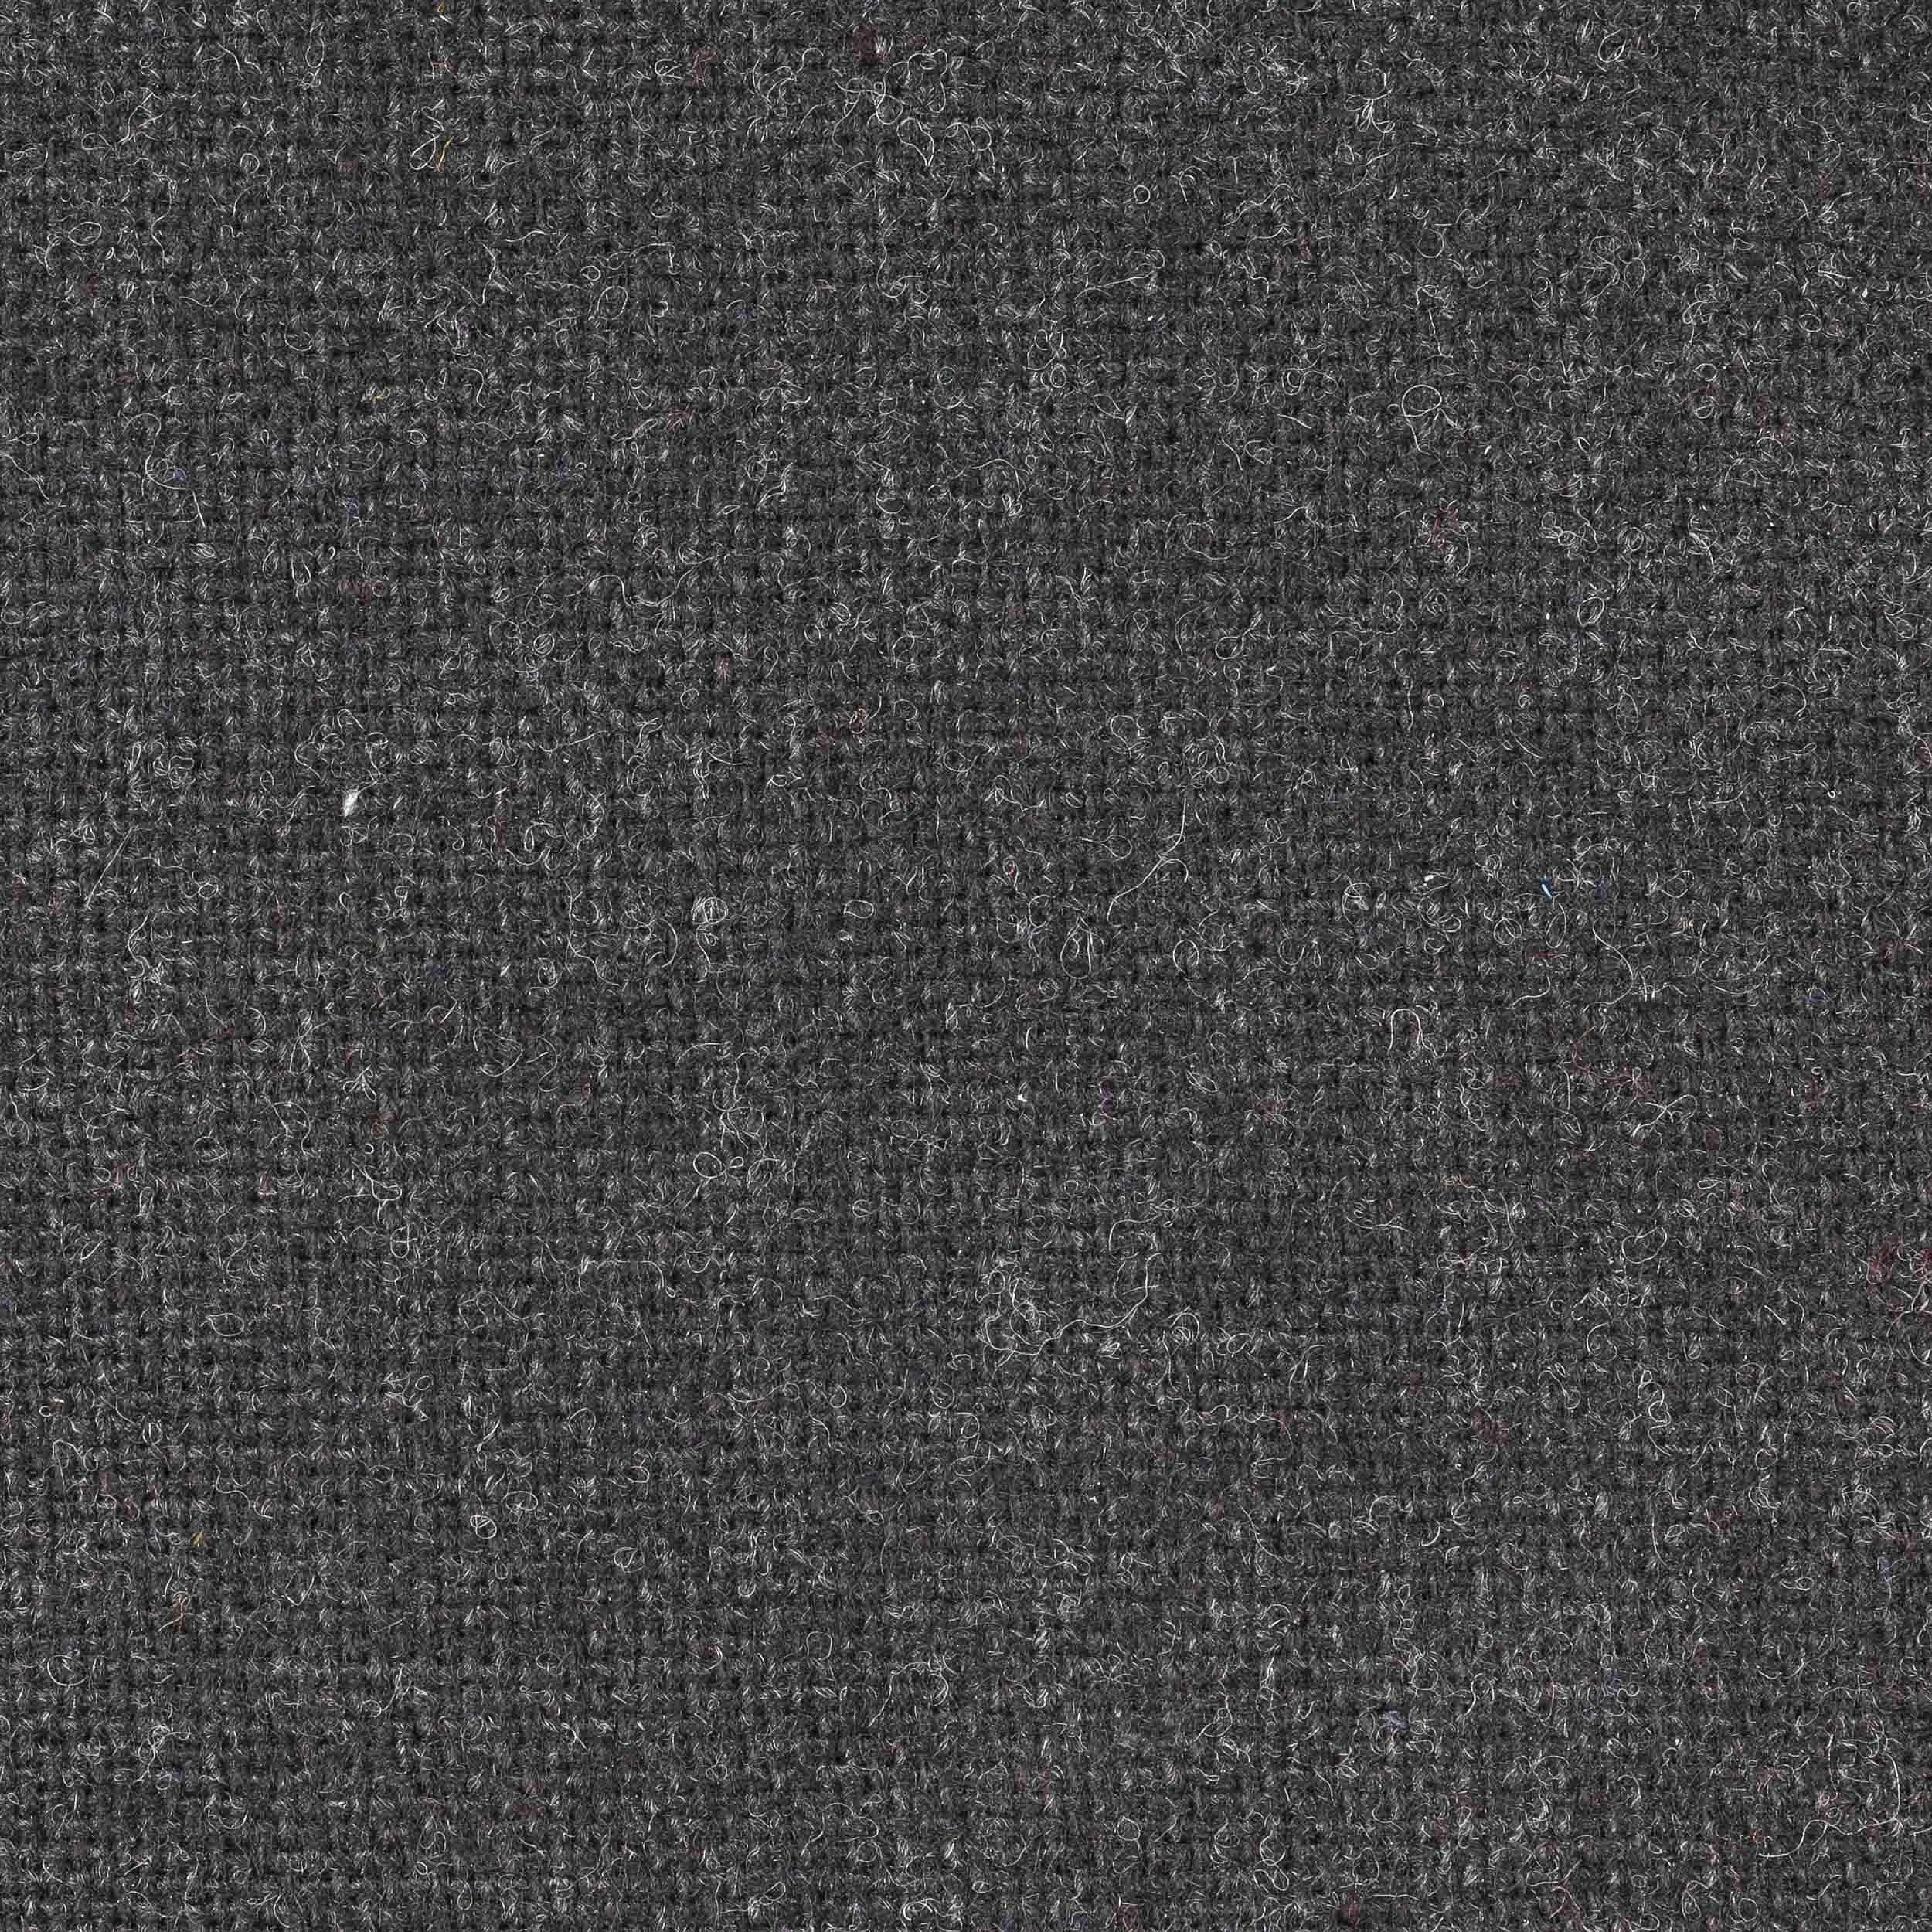 Gorra Belfast Wool Blend antracita